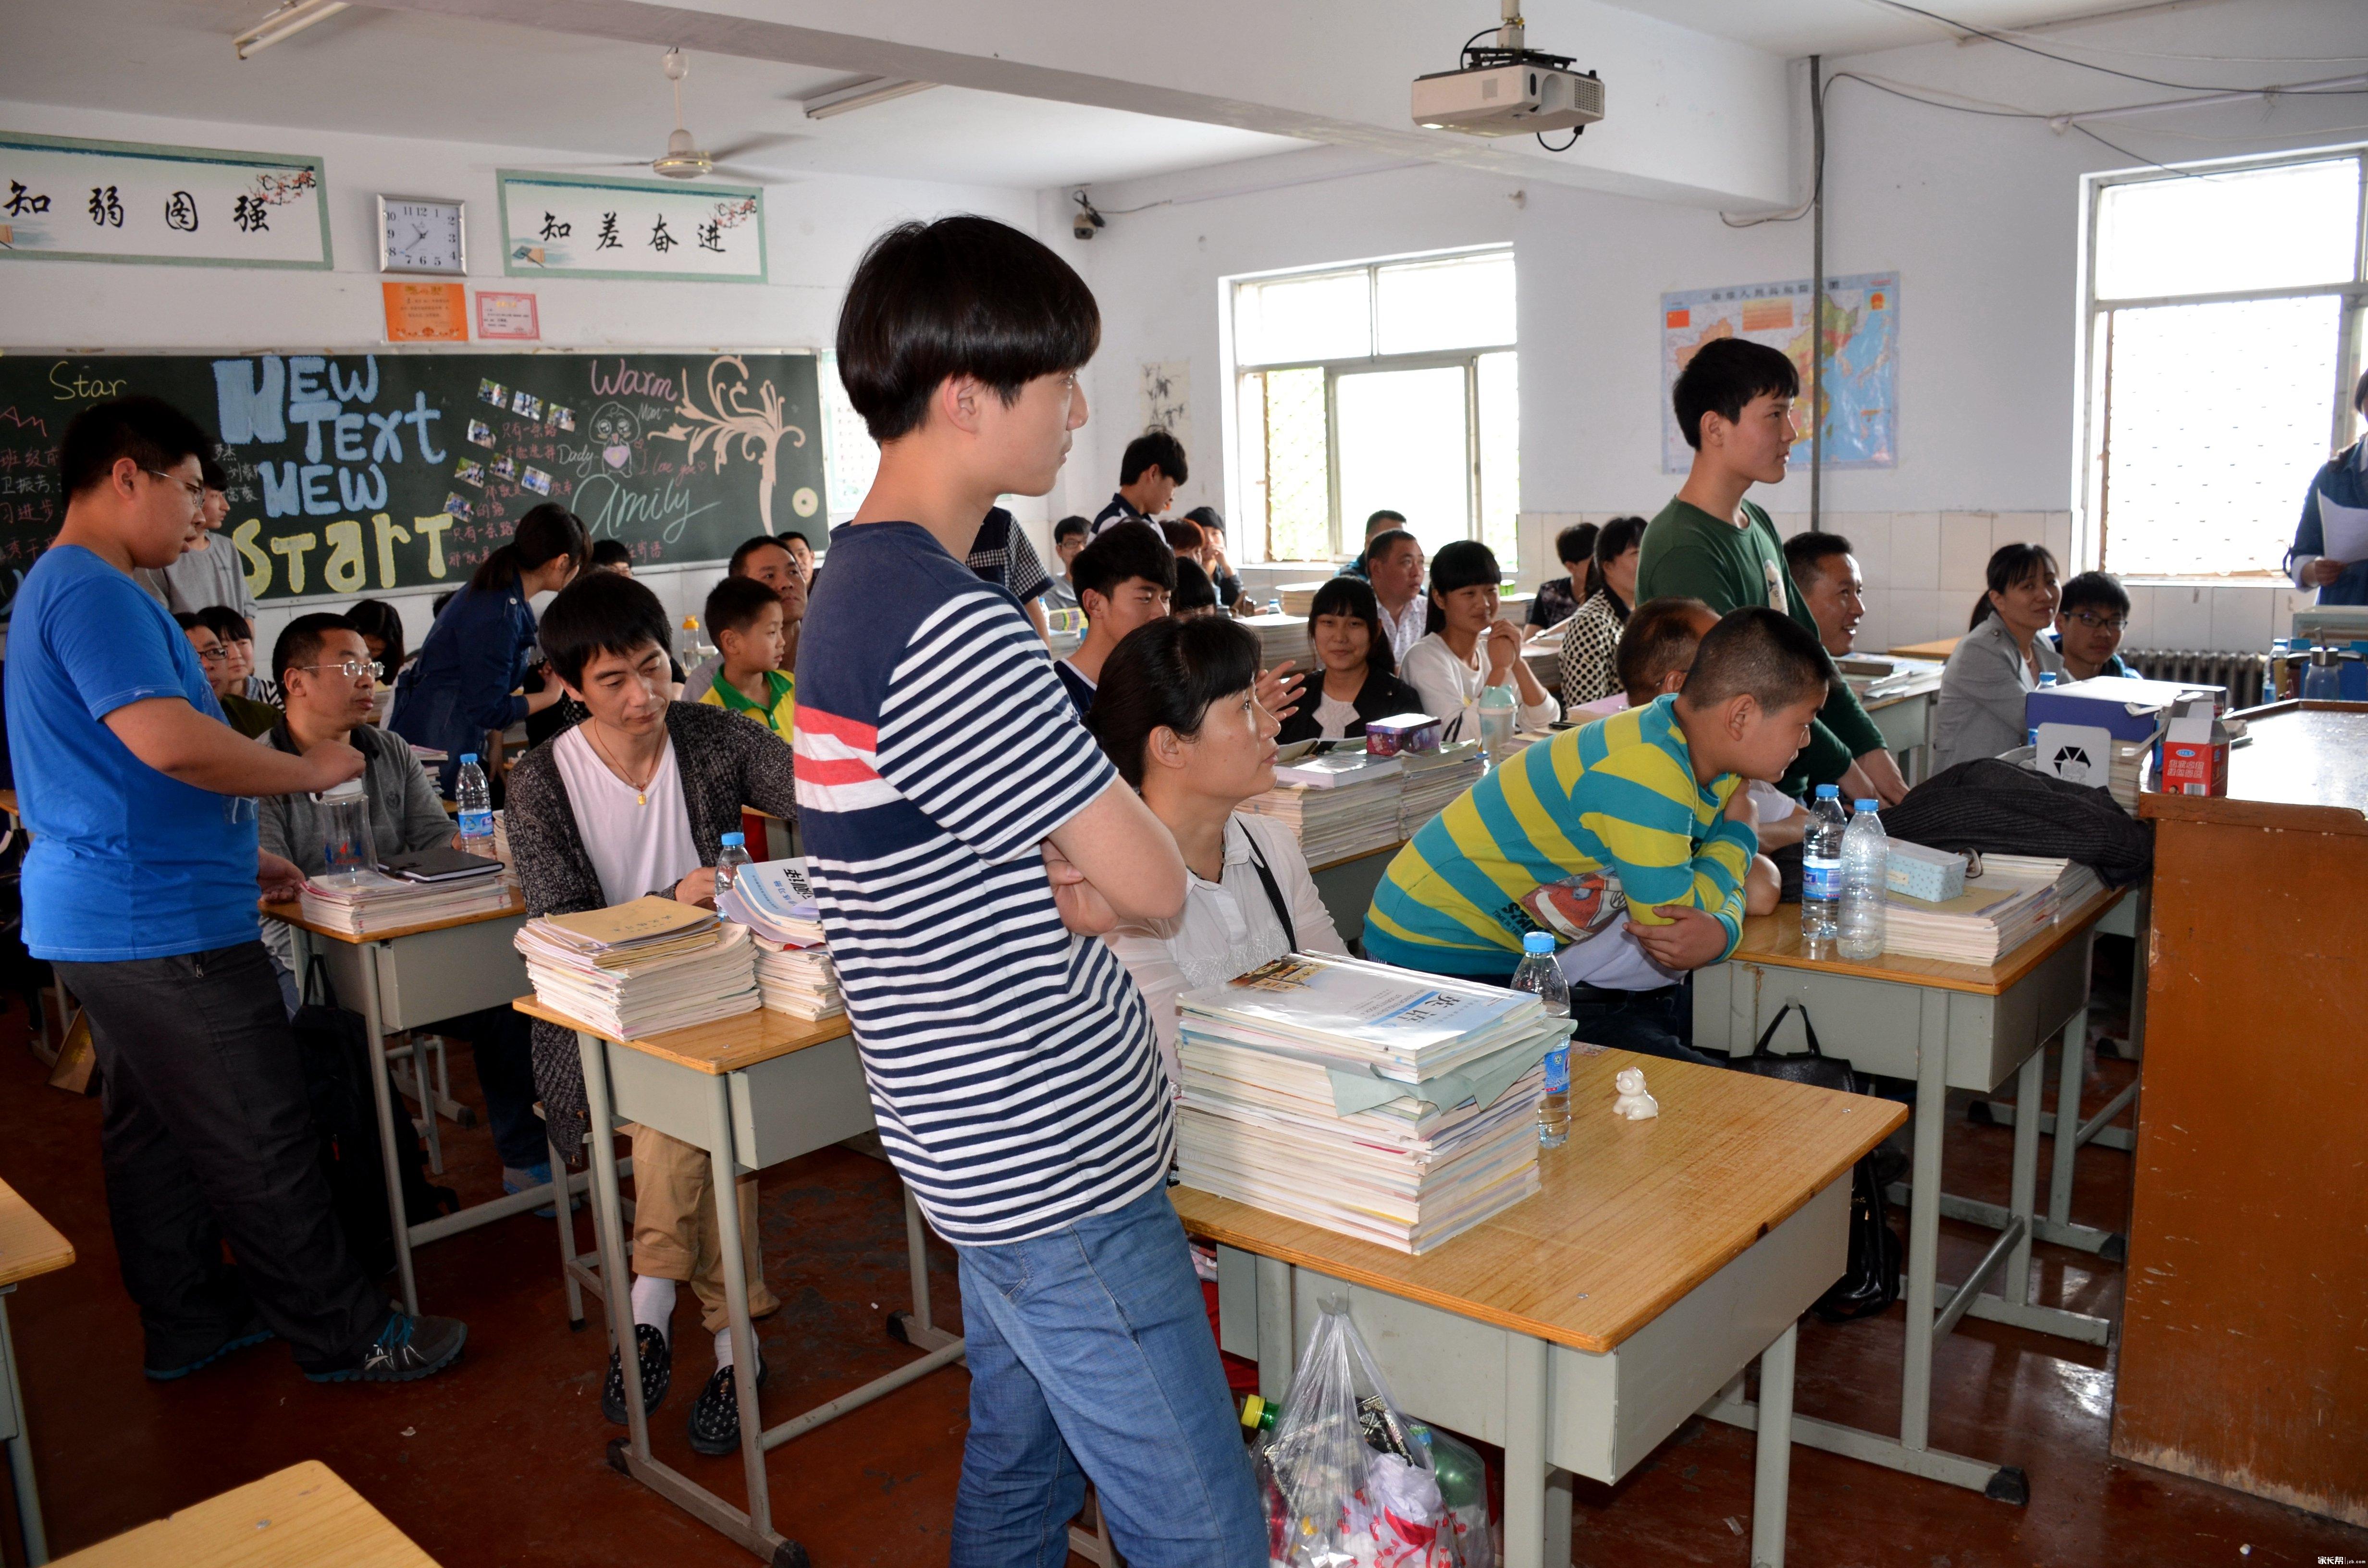 2016年郑州二砂寄宿学校高中部一周记新生招高中年级800字一般水平图片